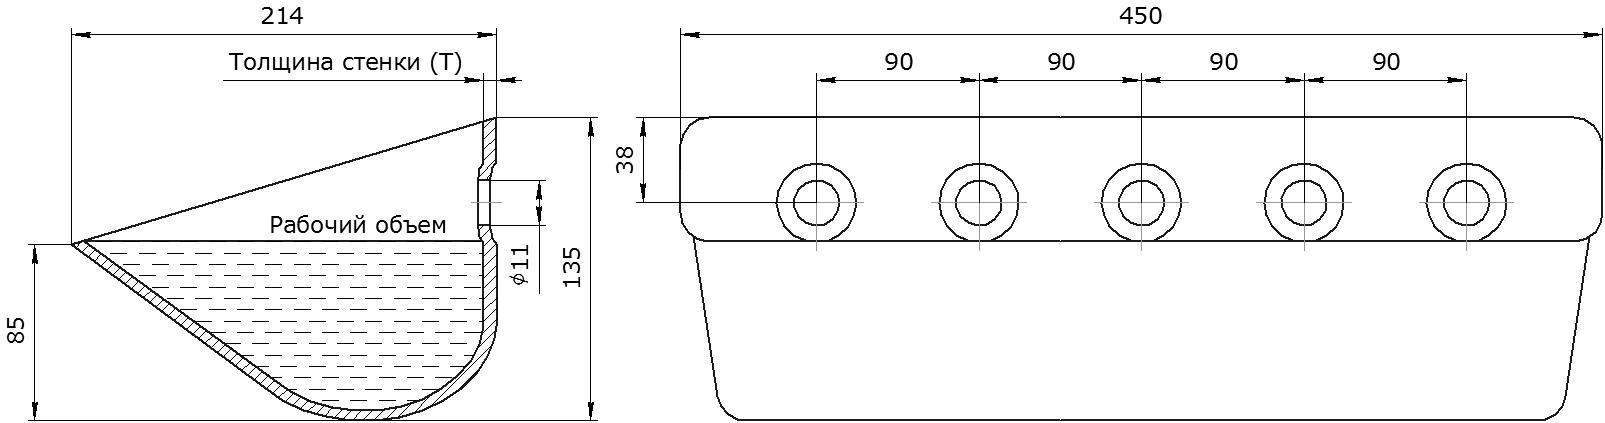 Ковш норийный металлический цельнотянутый Ц-450 чертеж